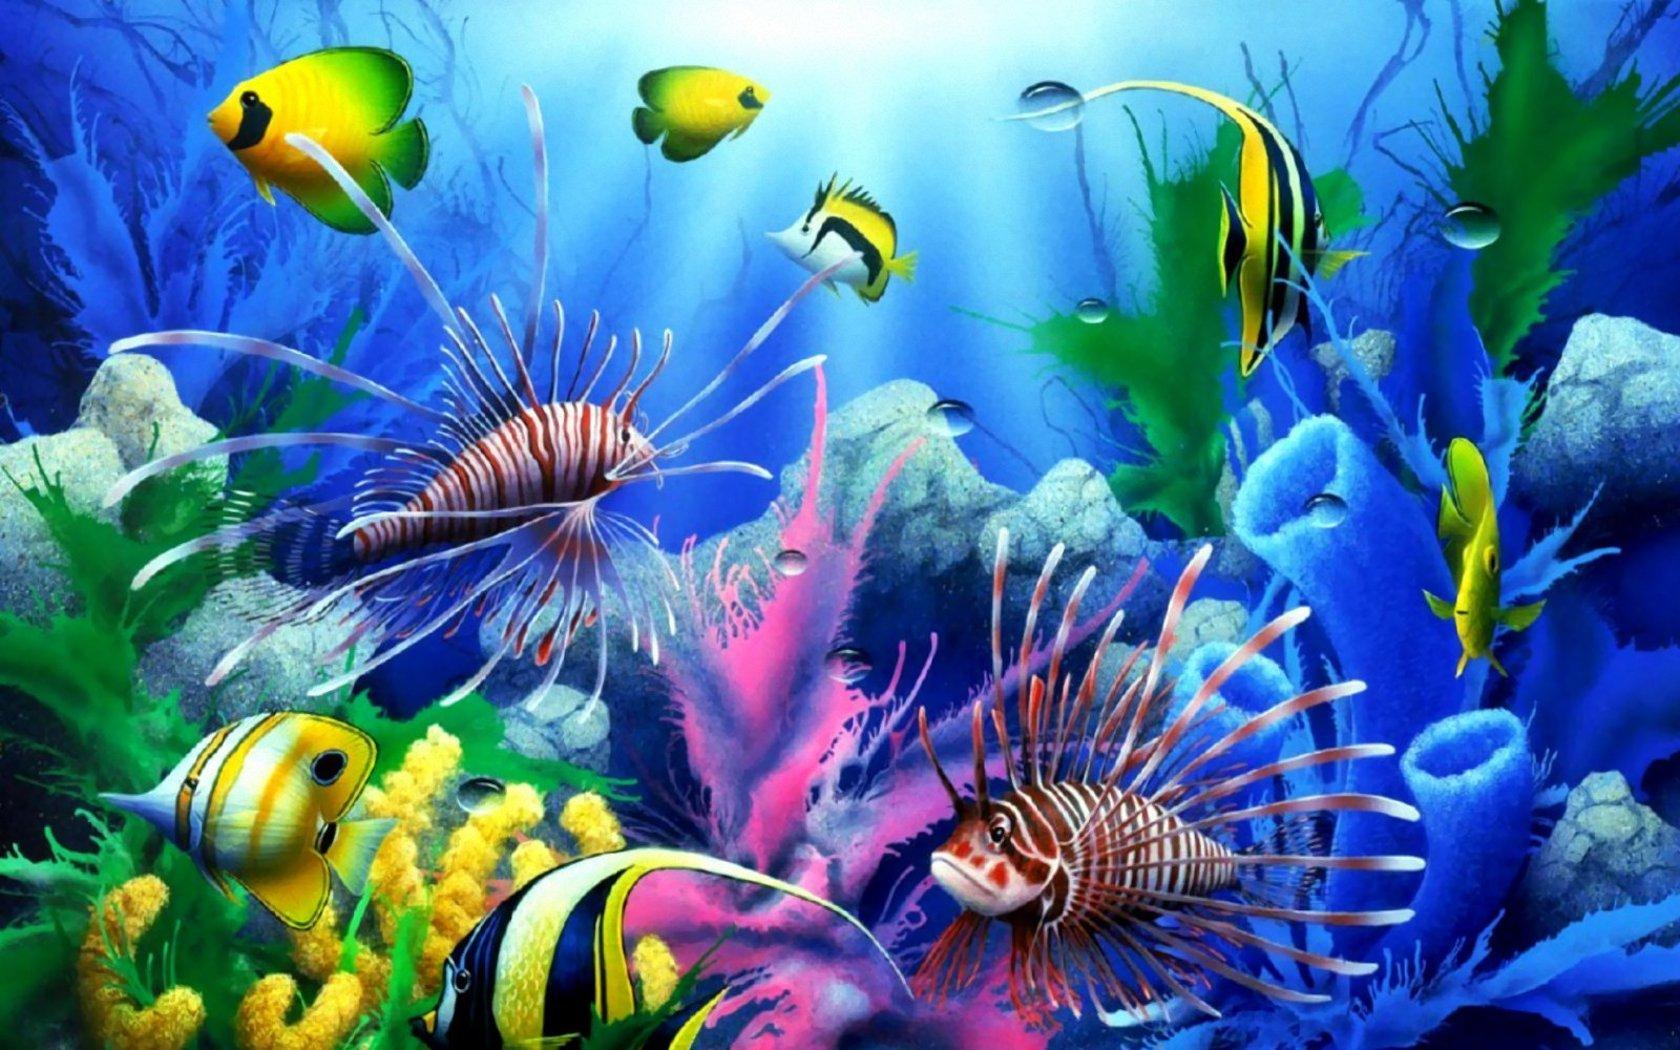 Пейзаж море рыбы подводный мир